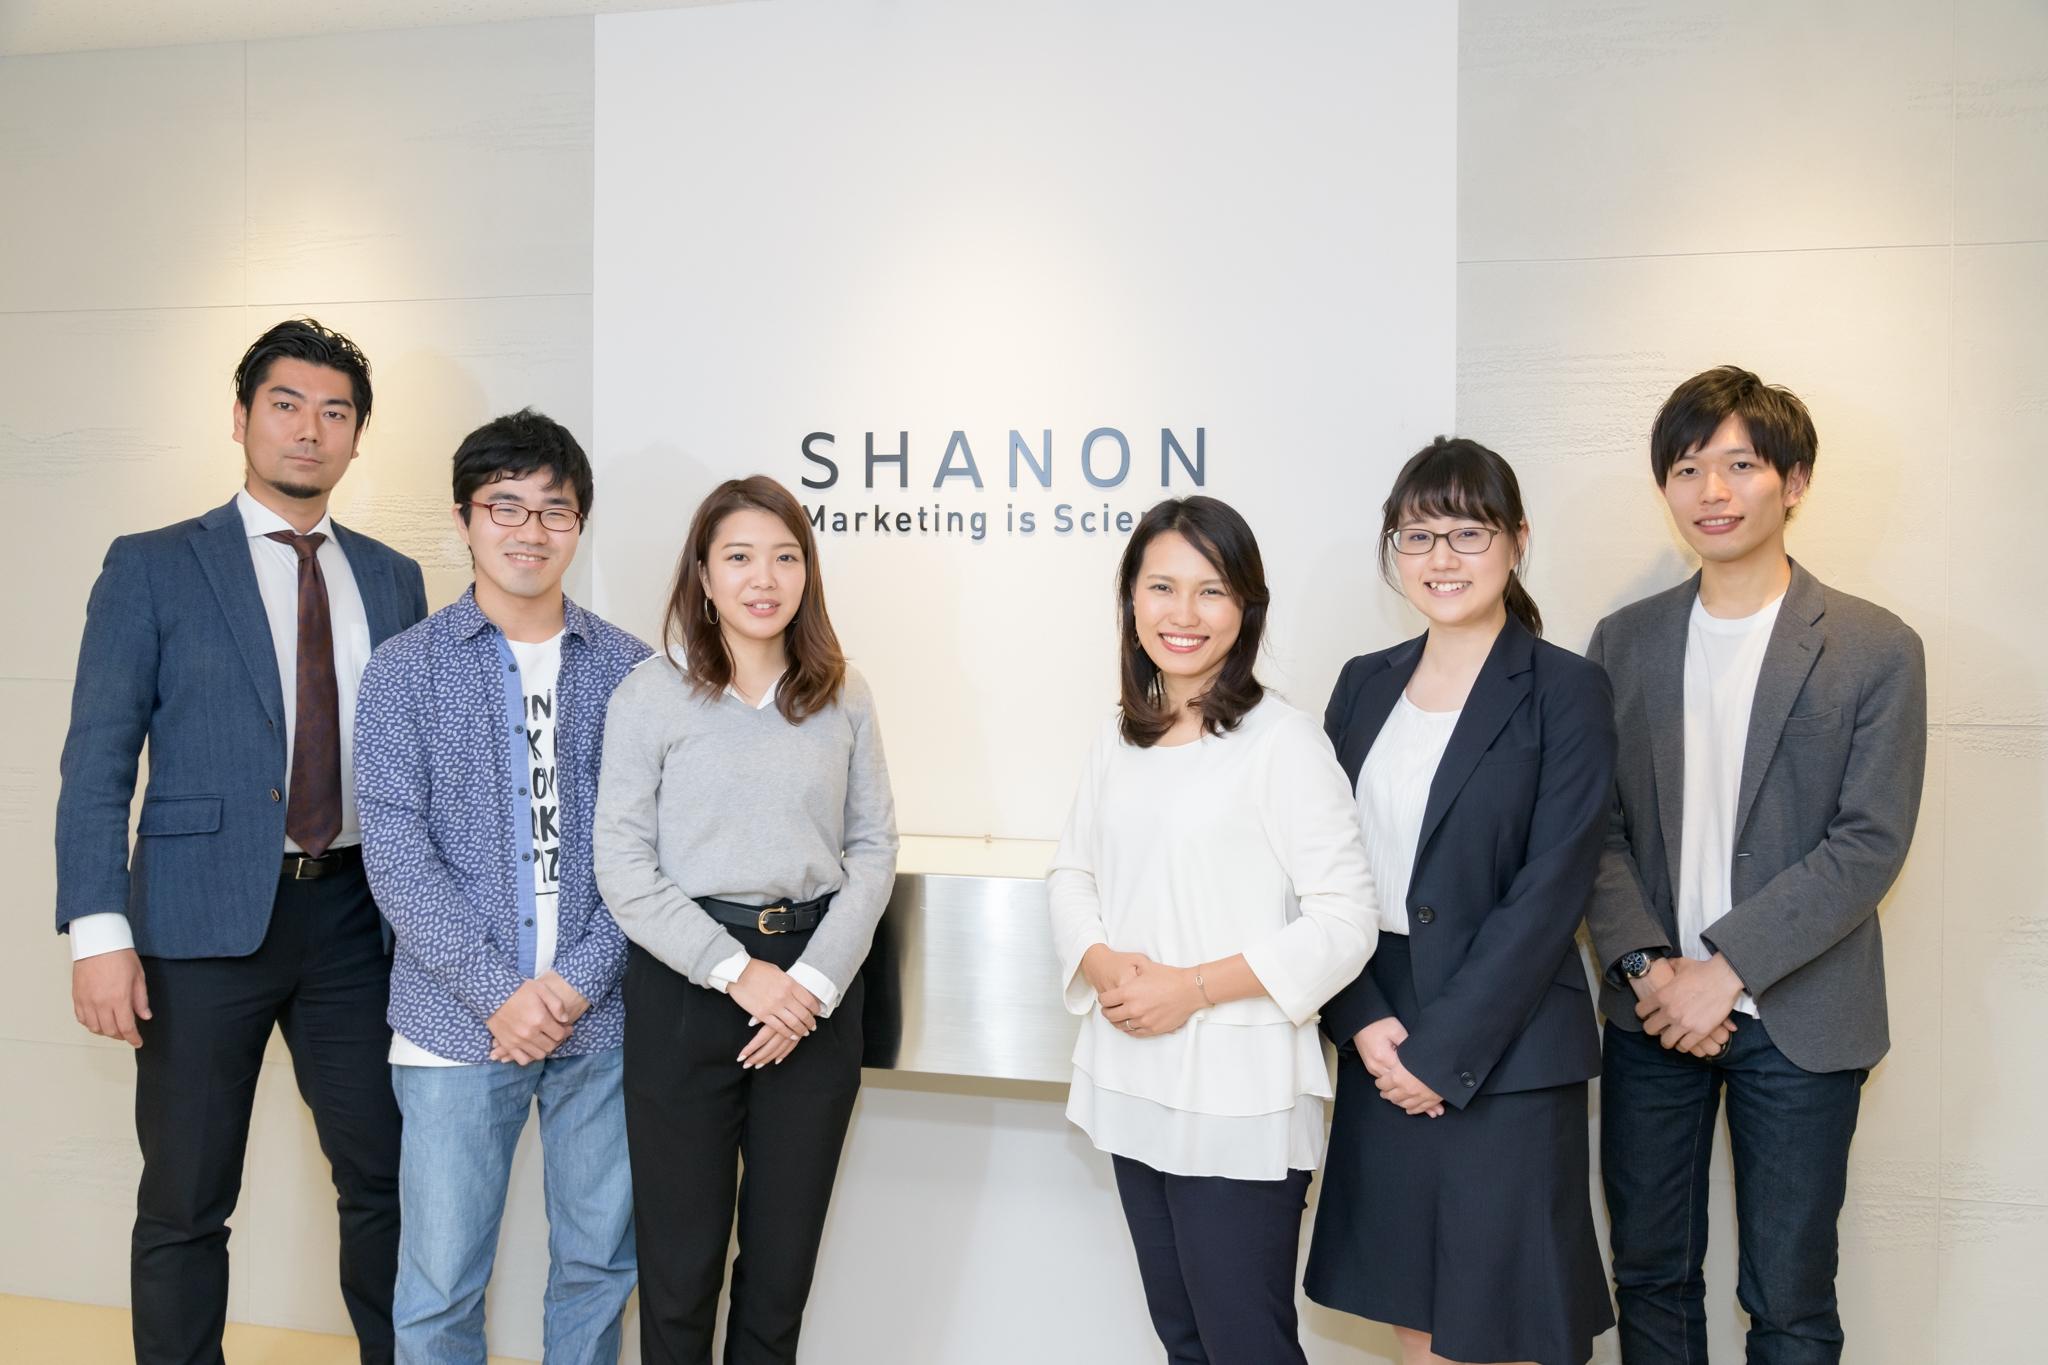 【募集要項】ビジネス職(新卒) | 株式会社シャノン採用サイト